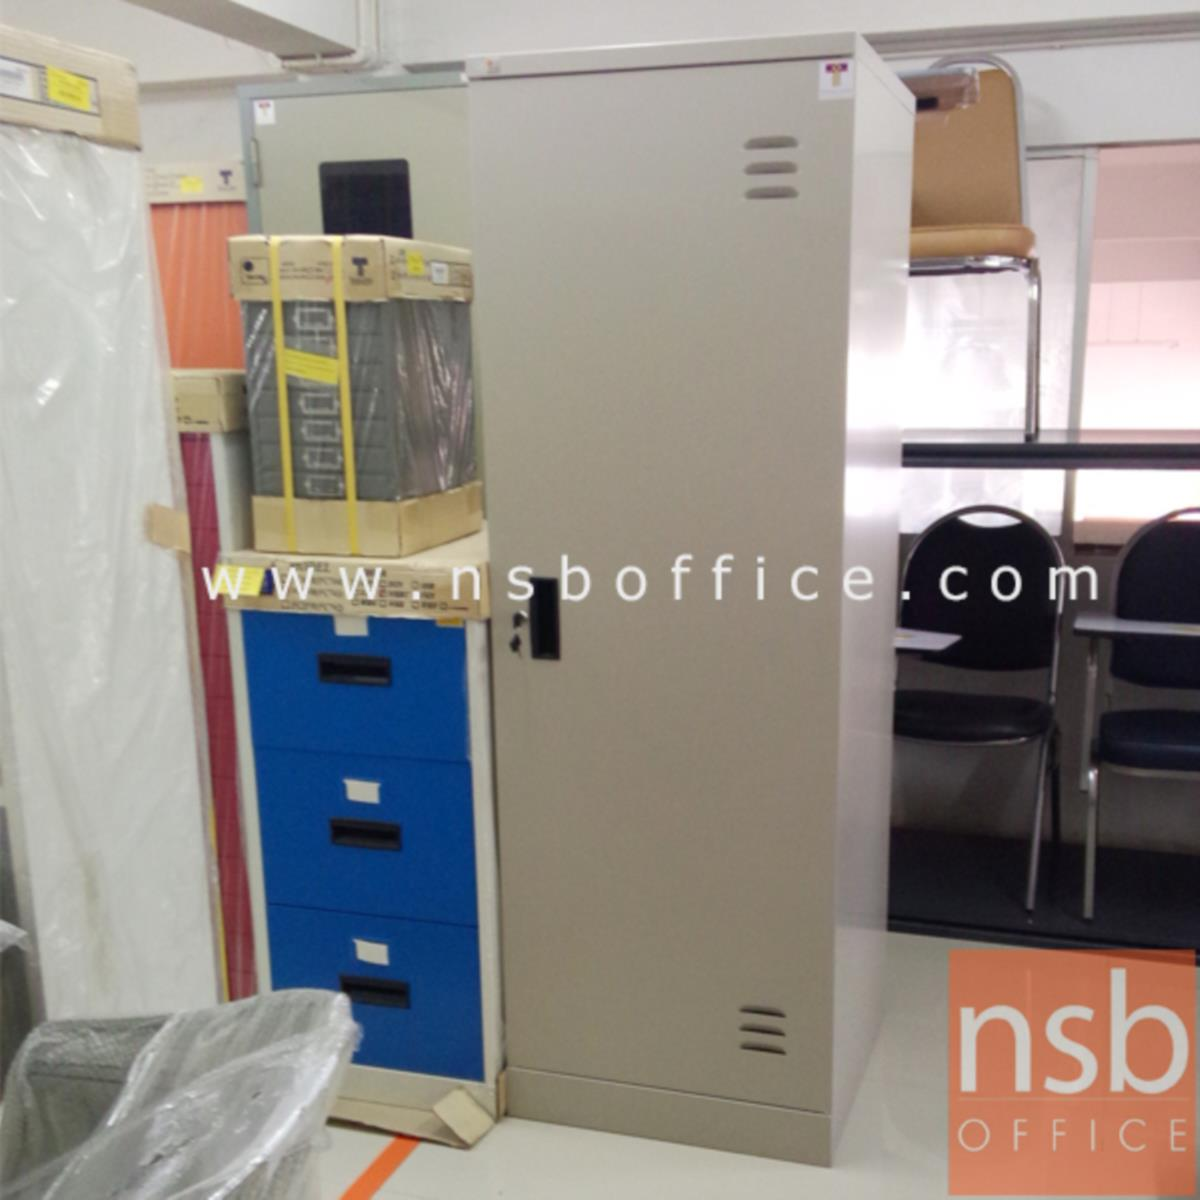 ตู้เสื้อผ้าเหล็ก 1 บานเปิดเดี่ยว 60W*60D*180H cm (มีกระจกด้านใน) รุ่น WD72RWK